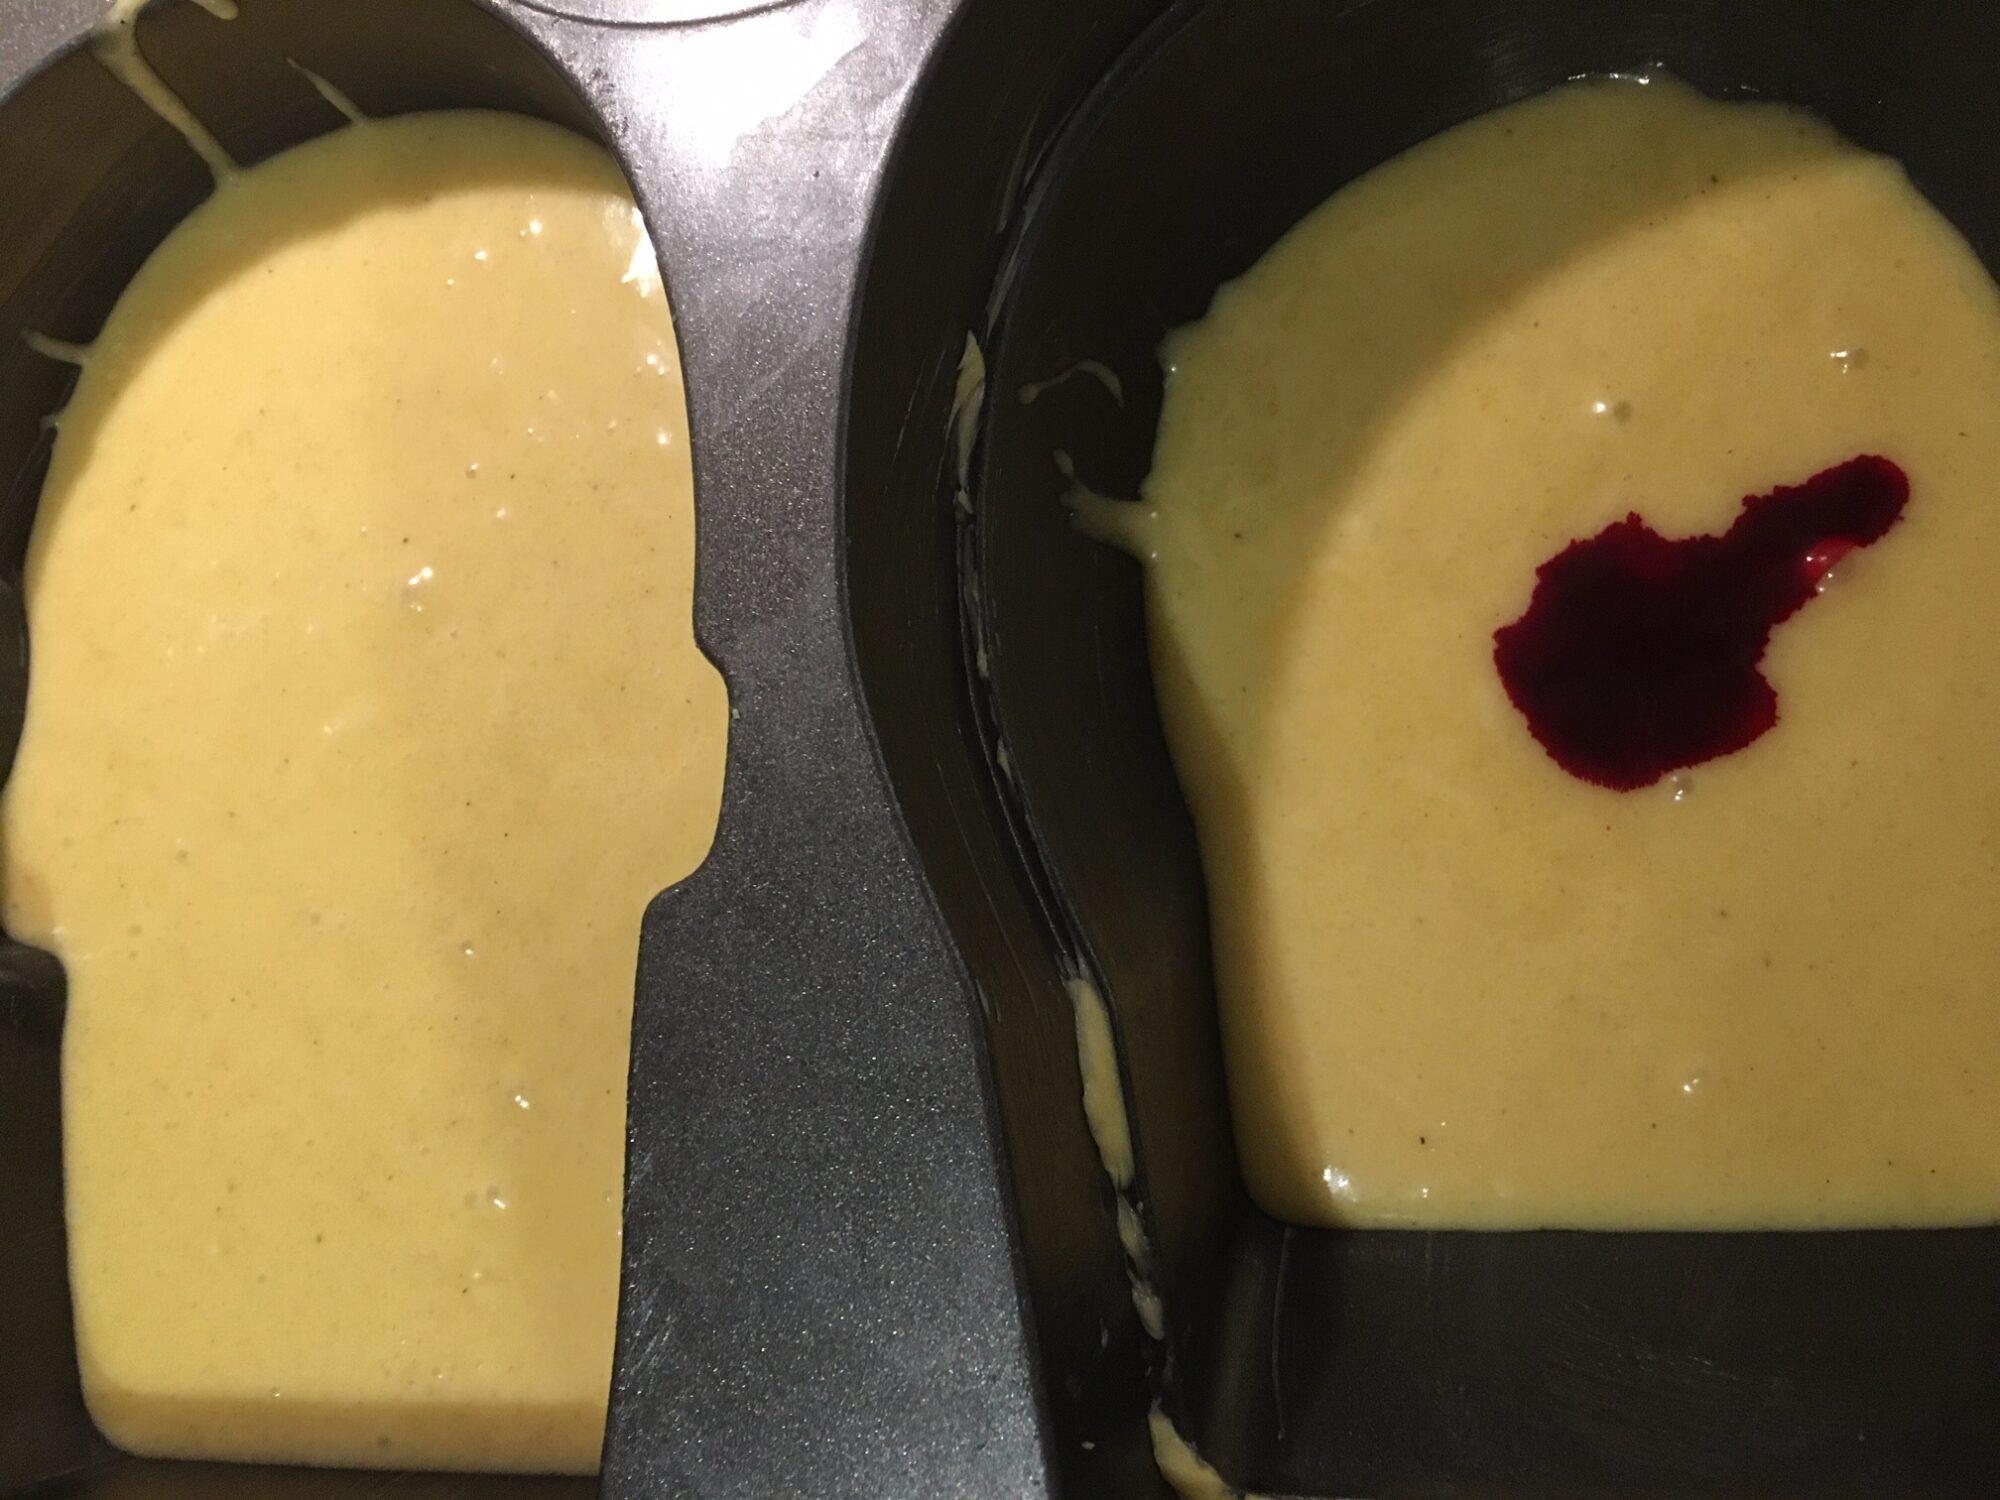 En blodig overraskelse i midten af kagen